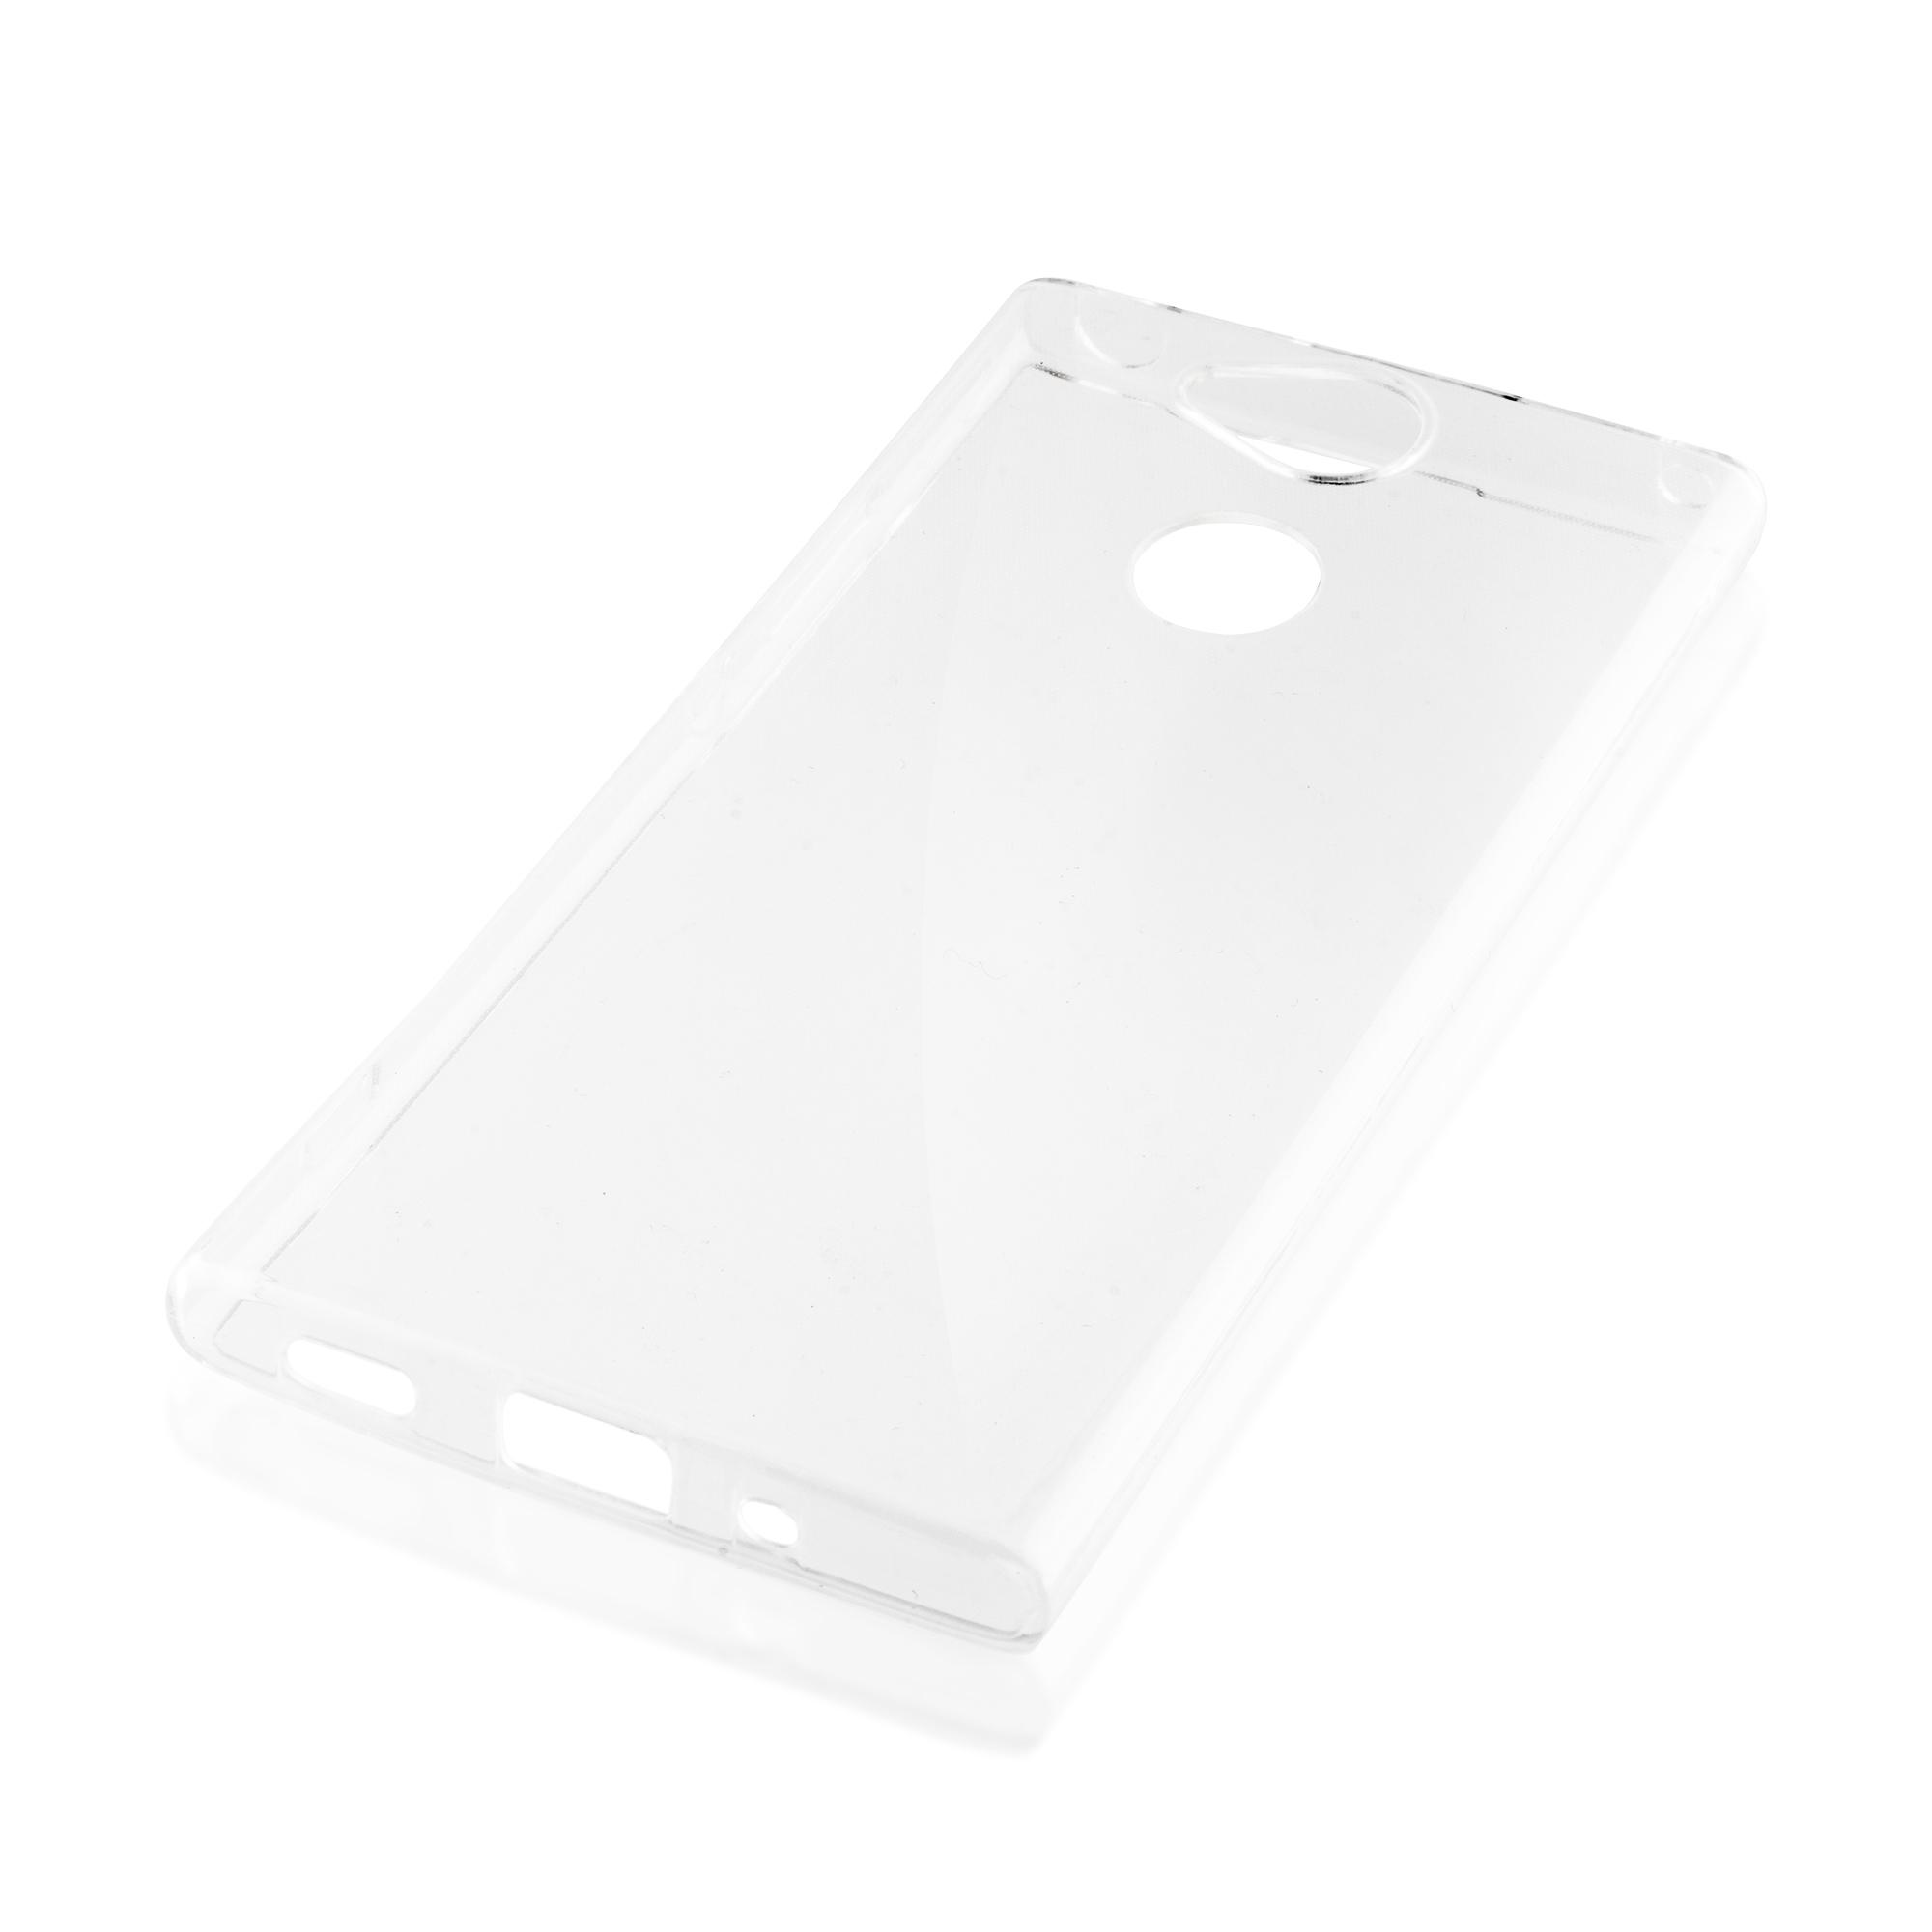 Силиконовый чехол для Xperia XA2 купить в Sony Centre Воронеж